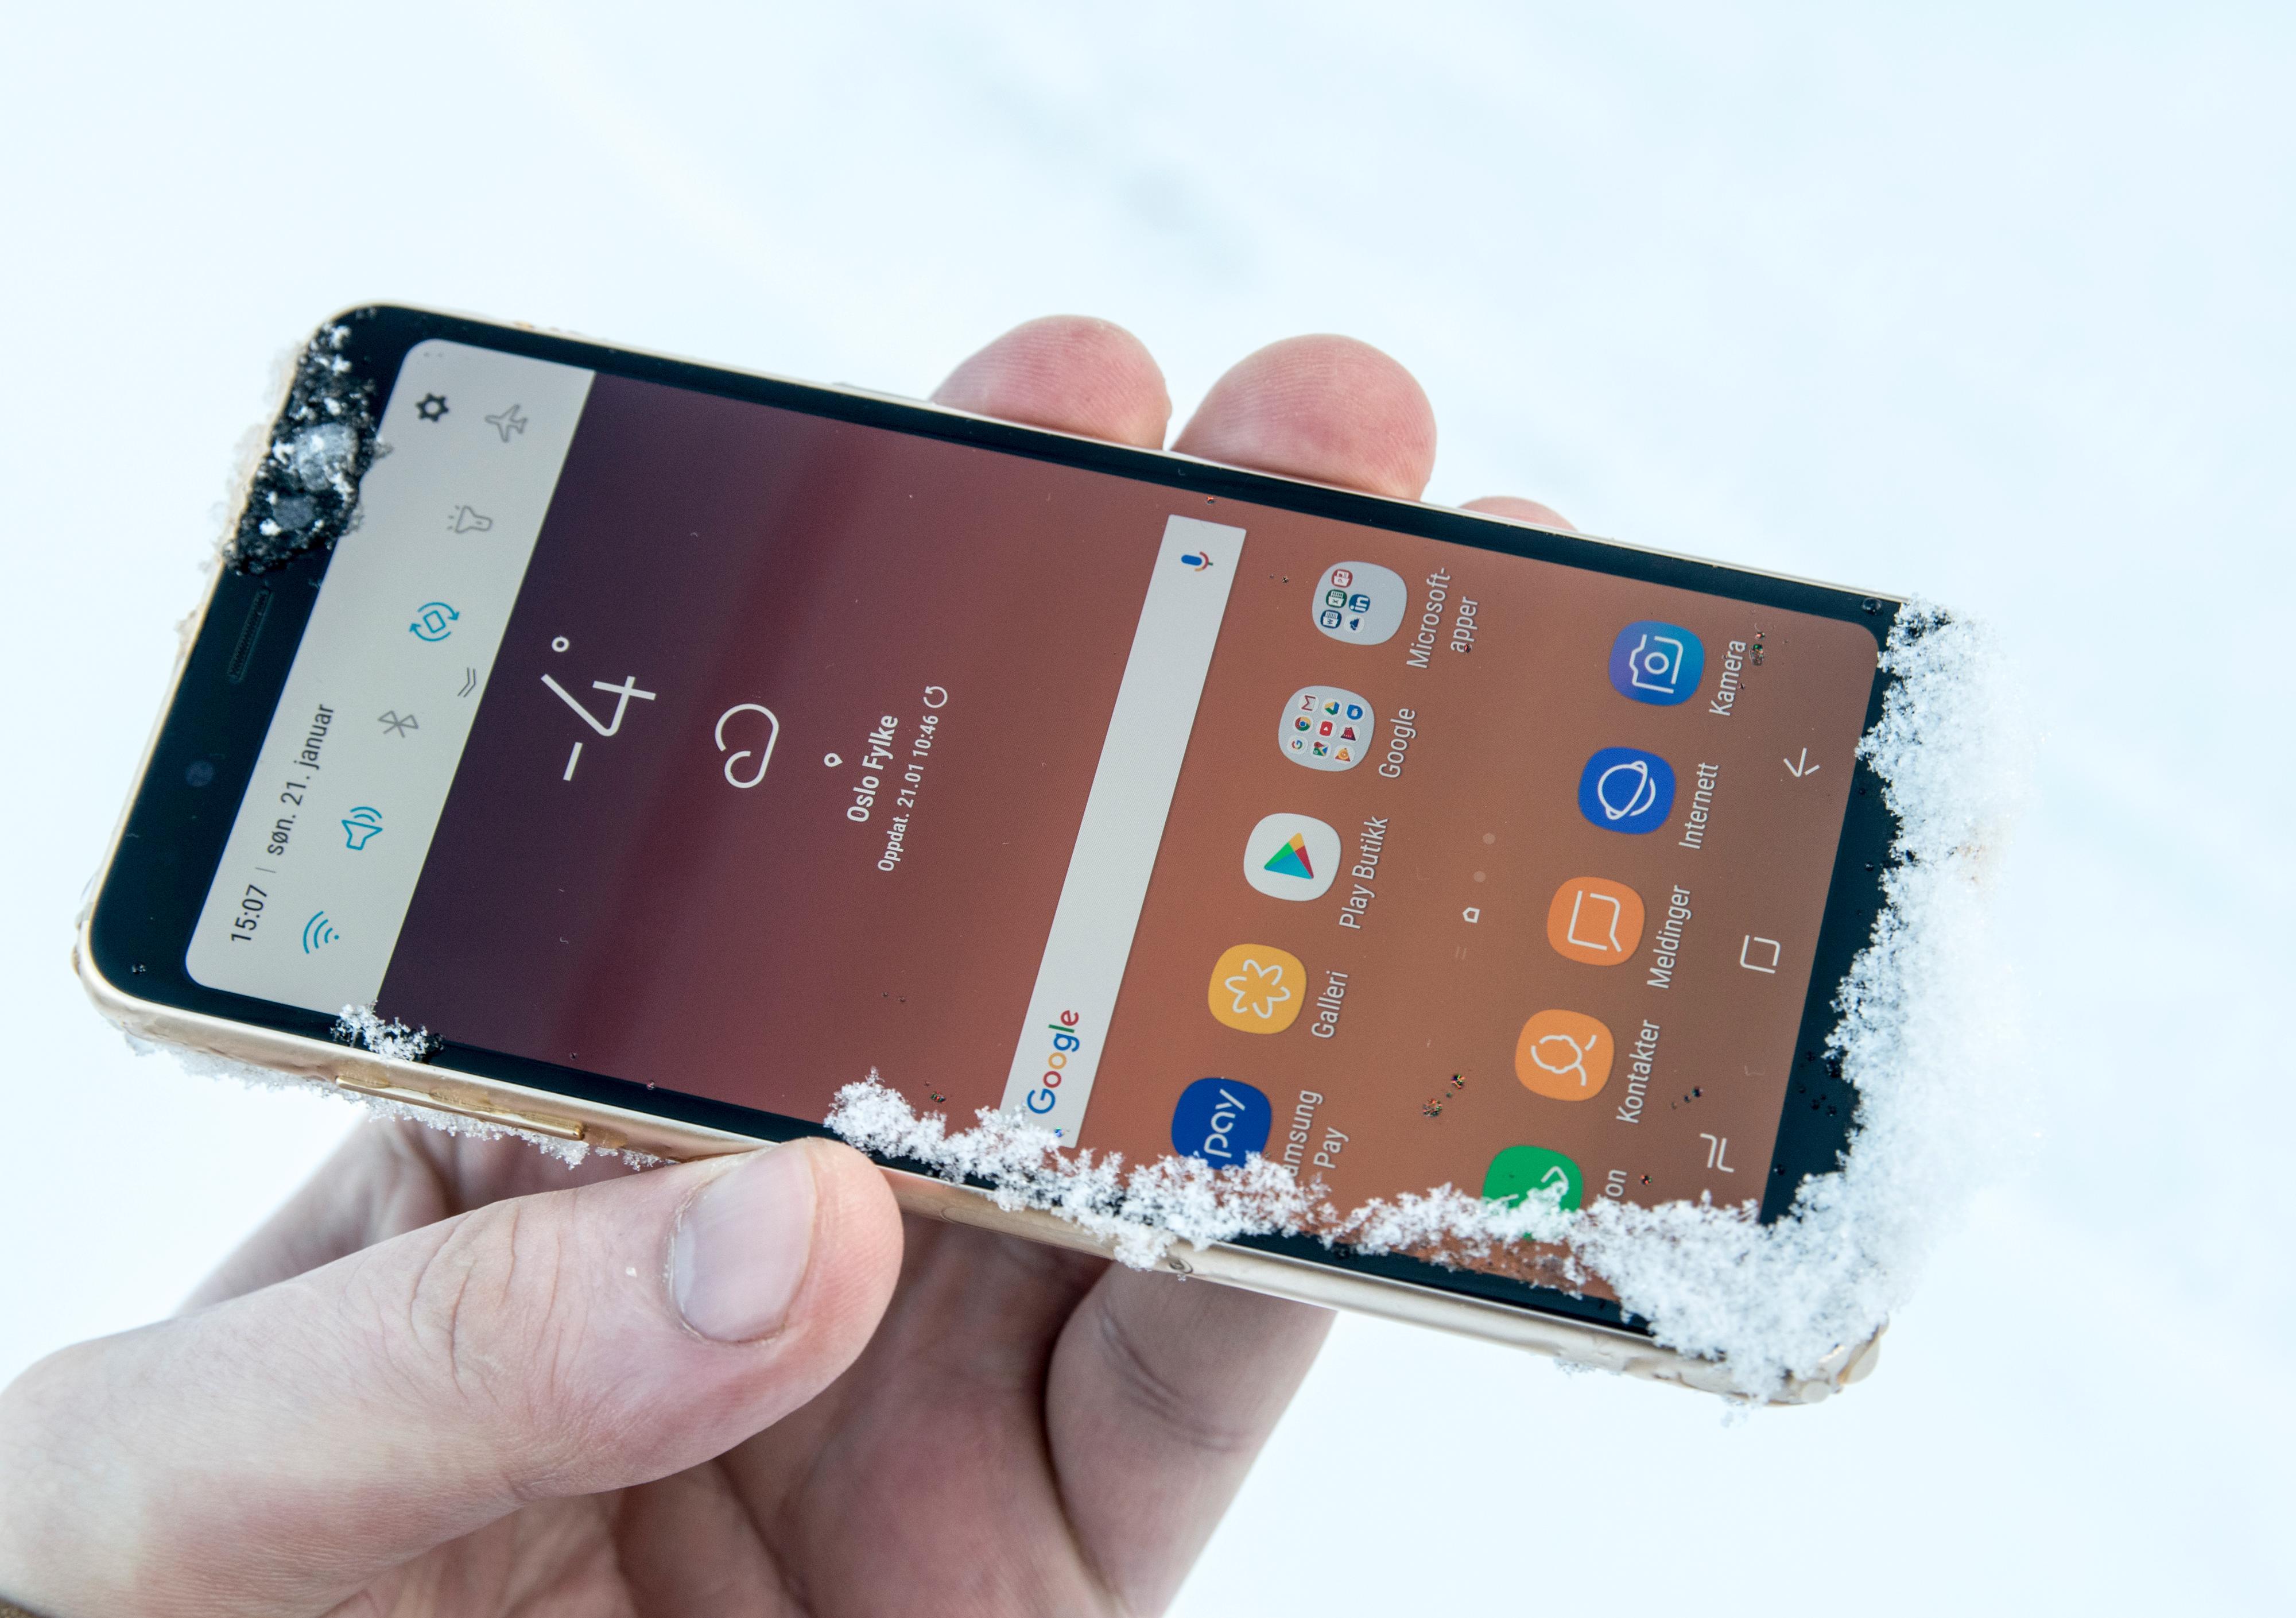 Galaxy A8 er vanntett, akkurat som storebror S8. Menyene har også svært mye til felles mellom de to telefonene.